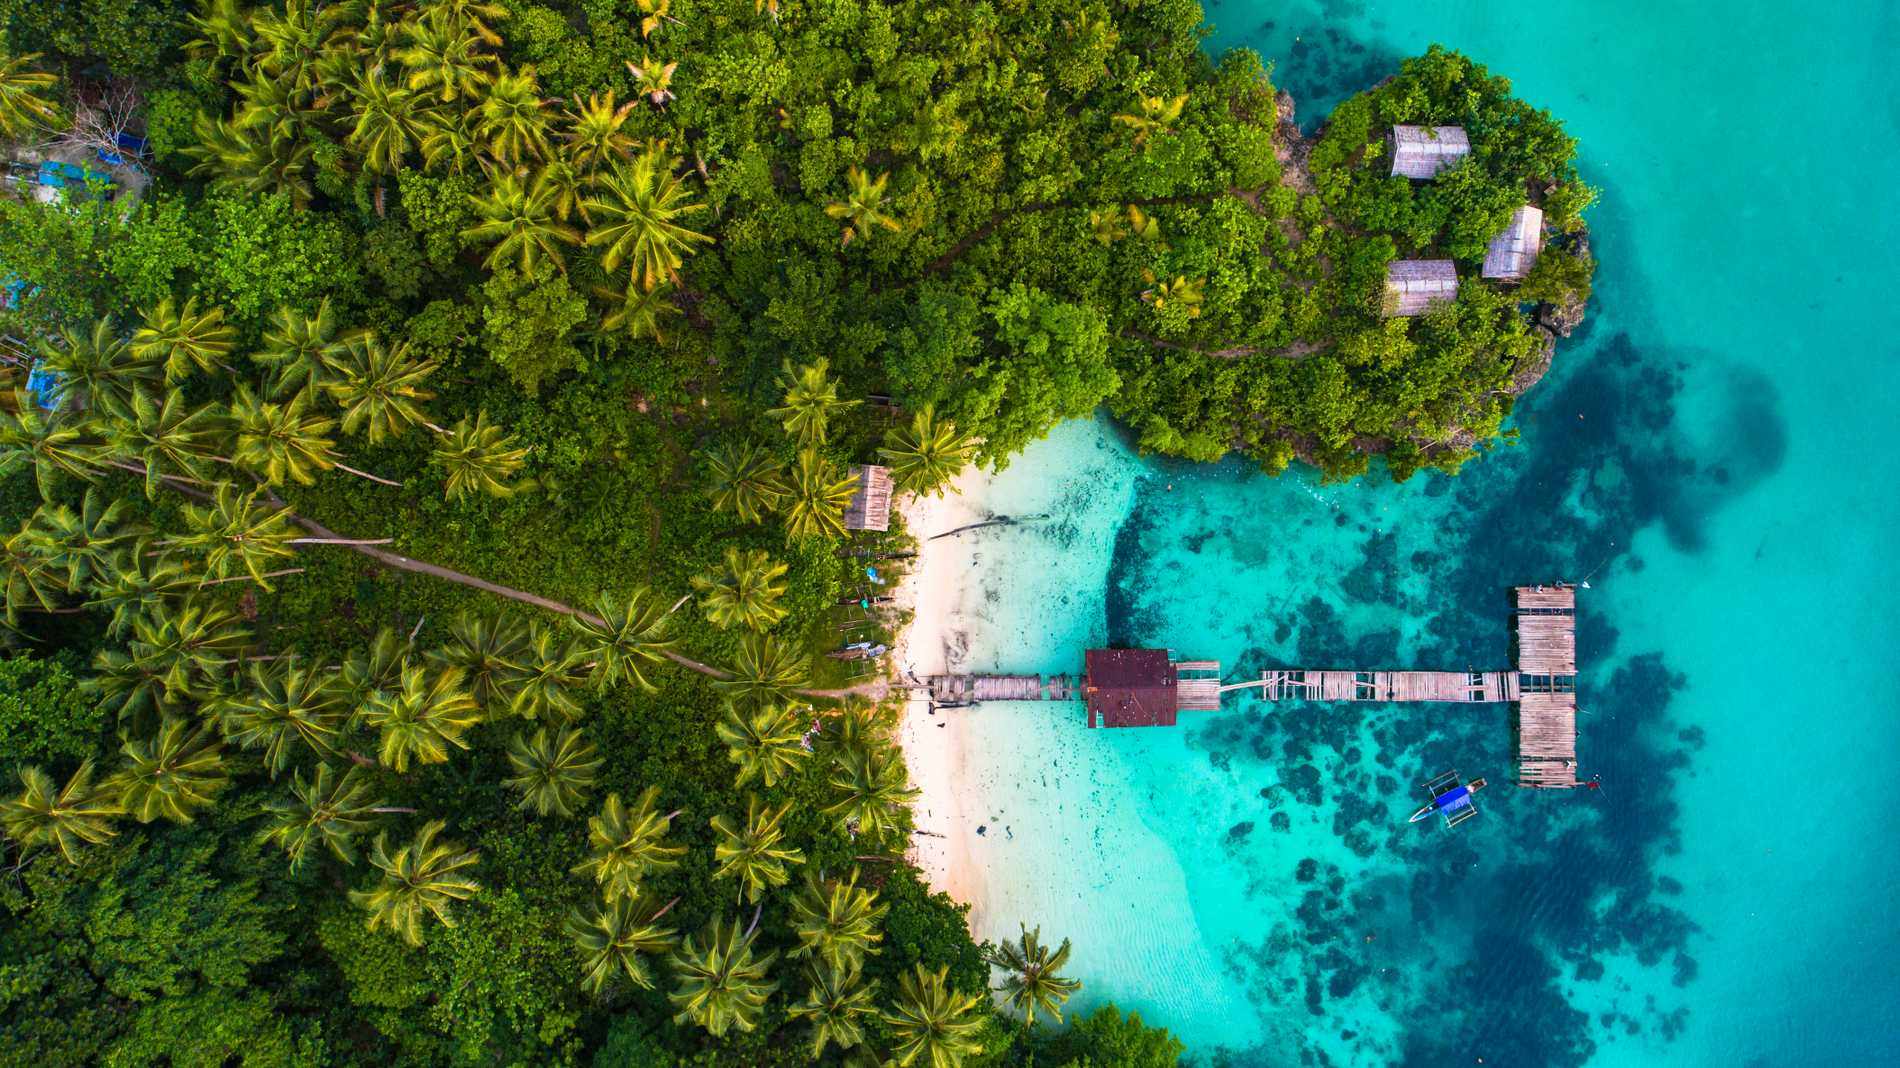 Raja Ampatöarna är kända för sina artrika korallrev.